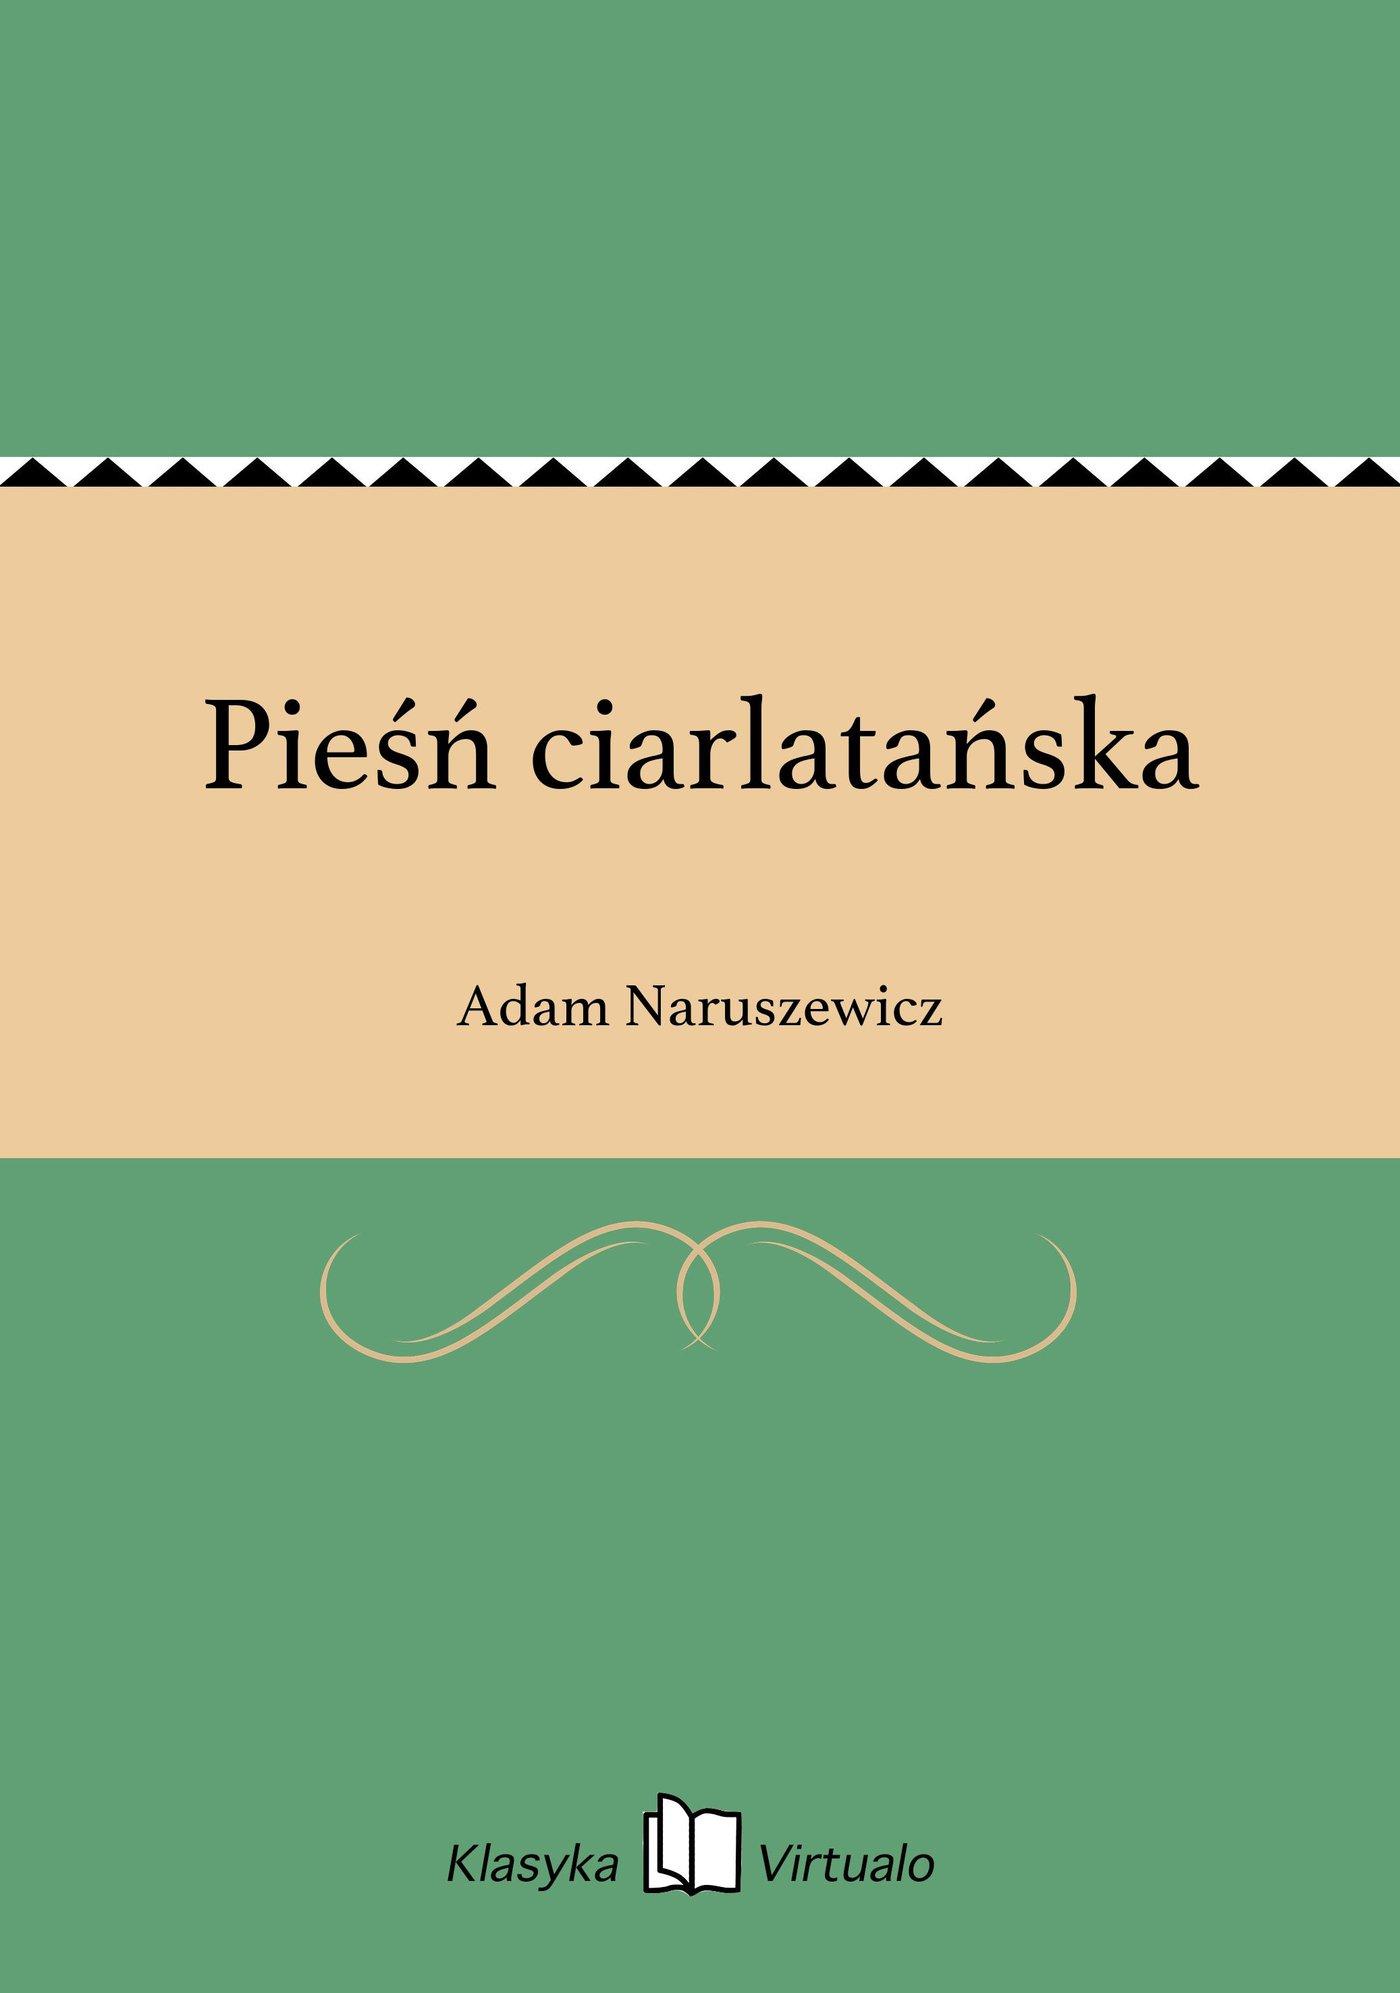 Pieśń ciarlatańska - Ebook (Książka EPUB) do pobrania w formacie EPUB